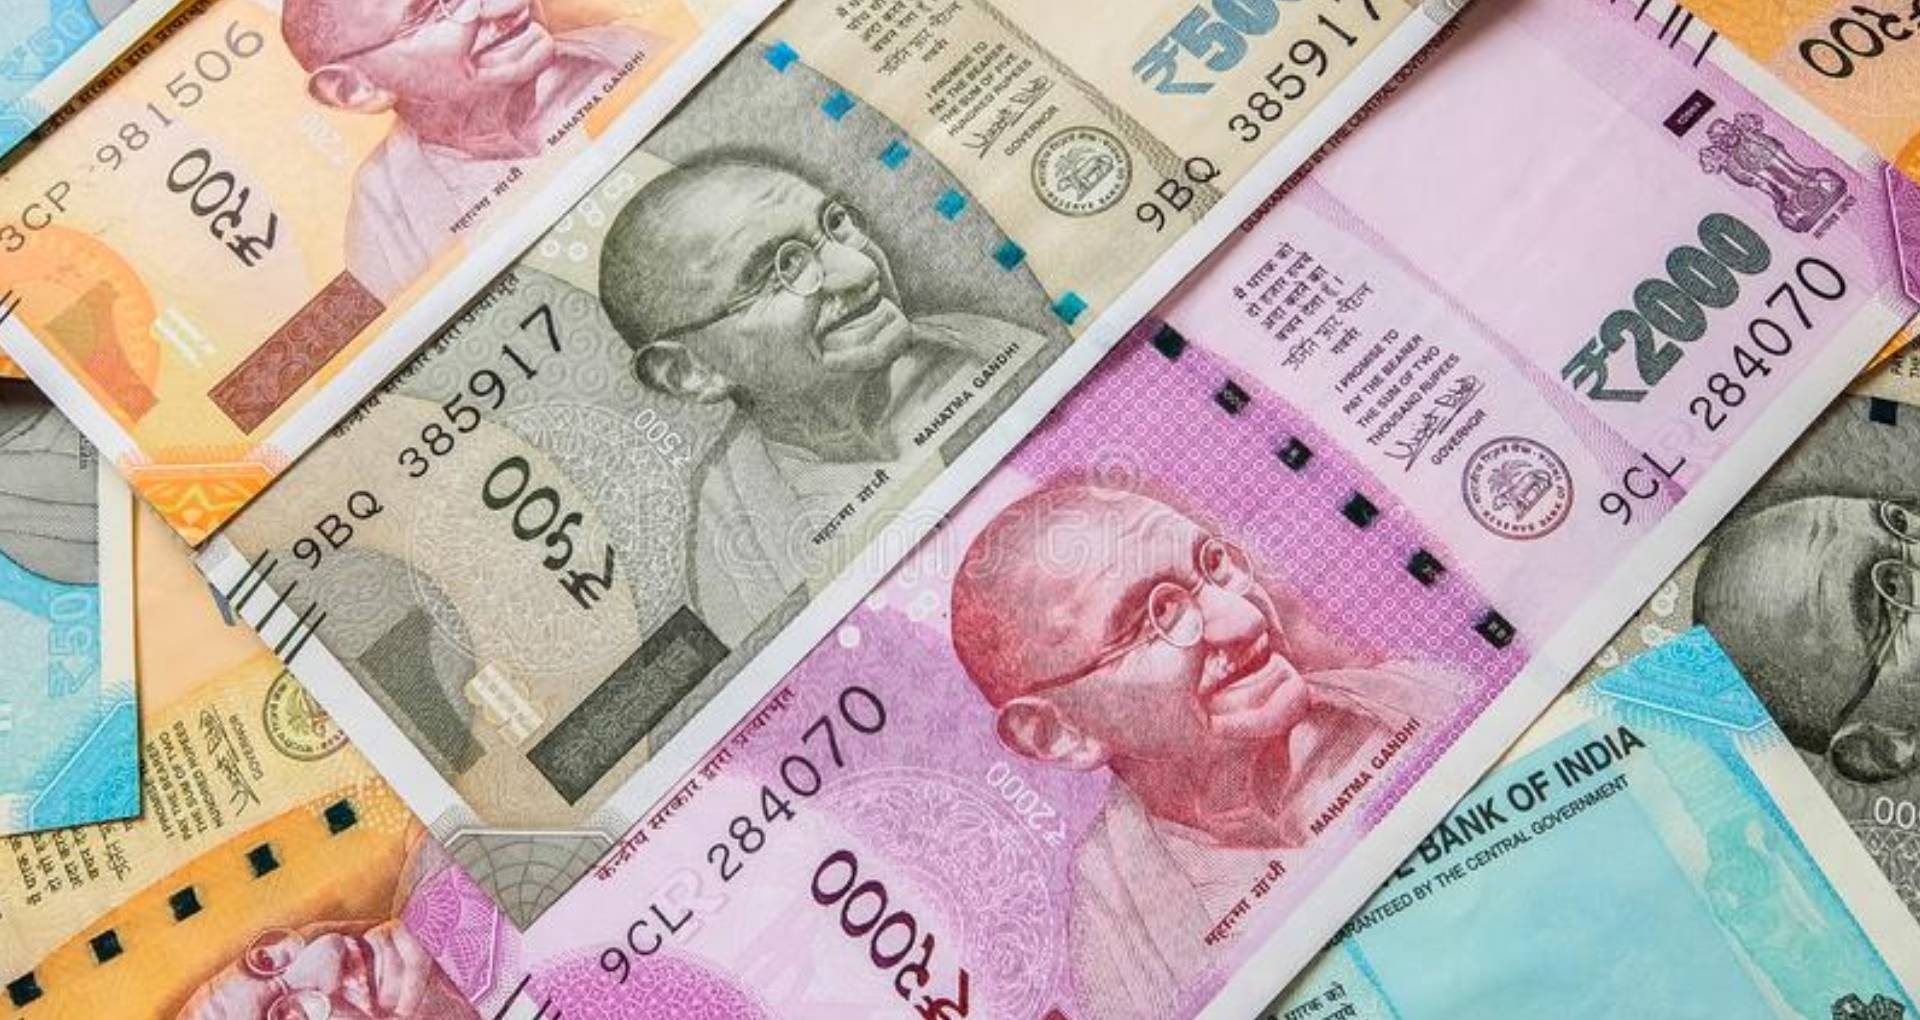 Kerala Lottery Akshaya AK-414 Result Out: केरल अक्षय लॉटरी से इस नंबर की चमकी किस्मत, मिलेंगे 60 लाख रुपए